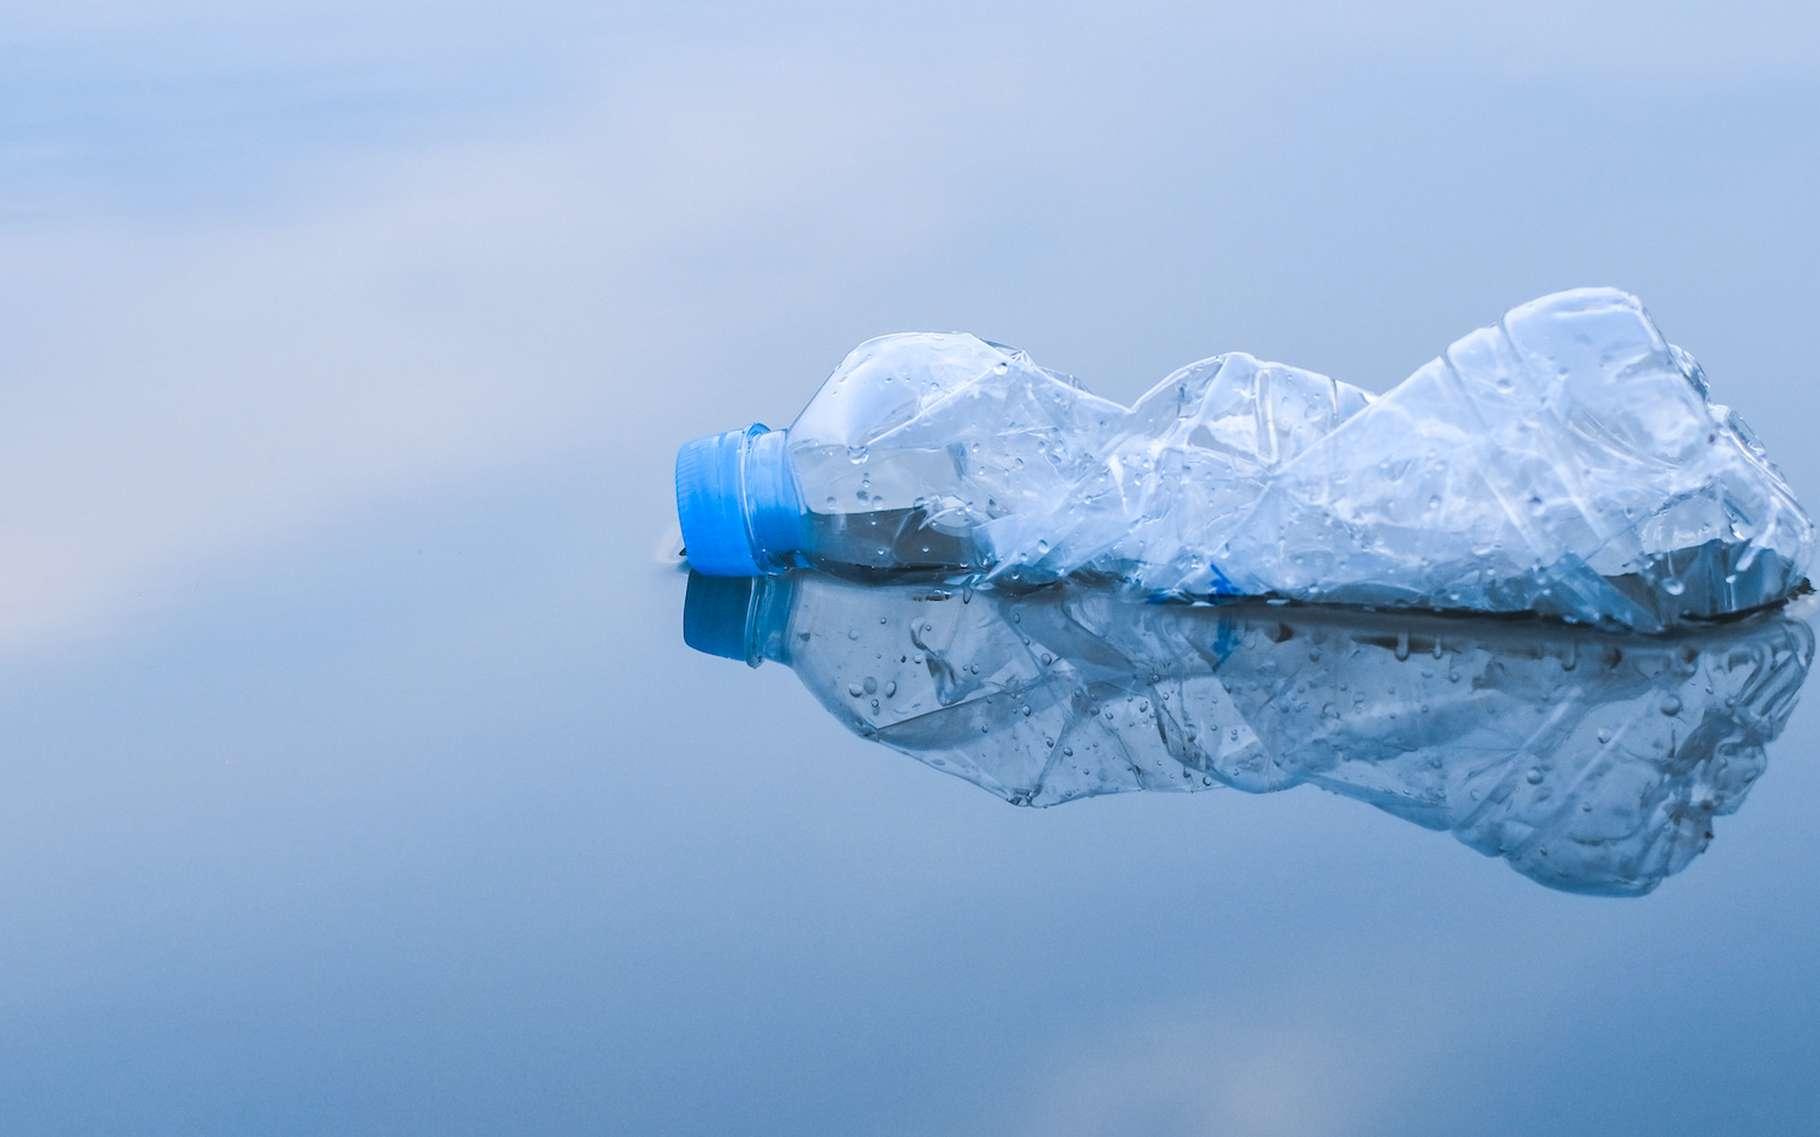 Grâce à la découverte des chercheurs du Massachusetts Institute of Technology (MIT, États-Unis) peut-être l'industrie produira-t-elle bientôt des plastiques plus facilement dégradables. © Jedsada Naeprai, Adobe Stock